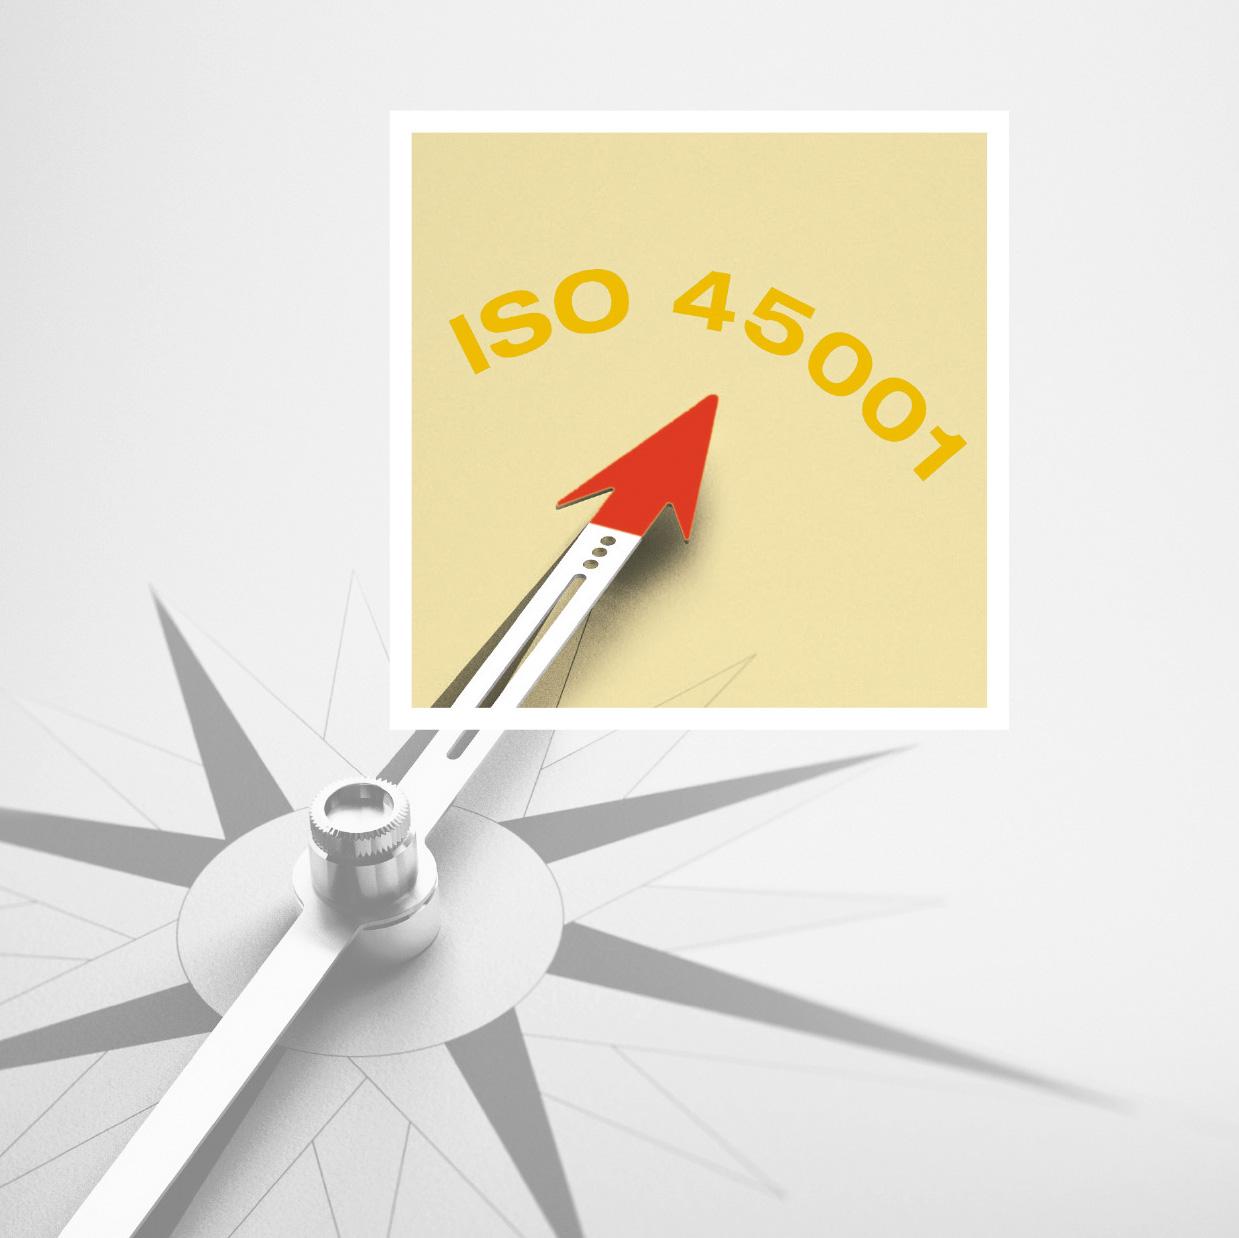 Die LINZ AG TELEKOM zertifiziert nach der neuen internationalen Norm ISO 45001.